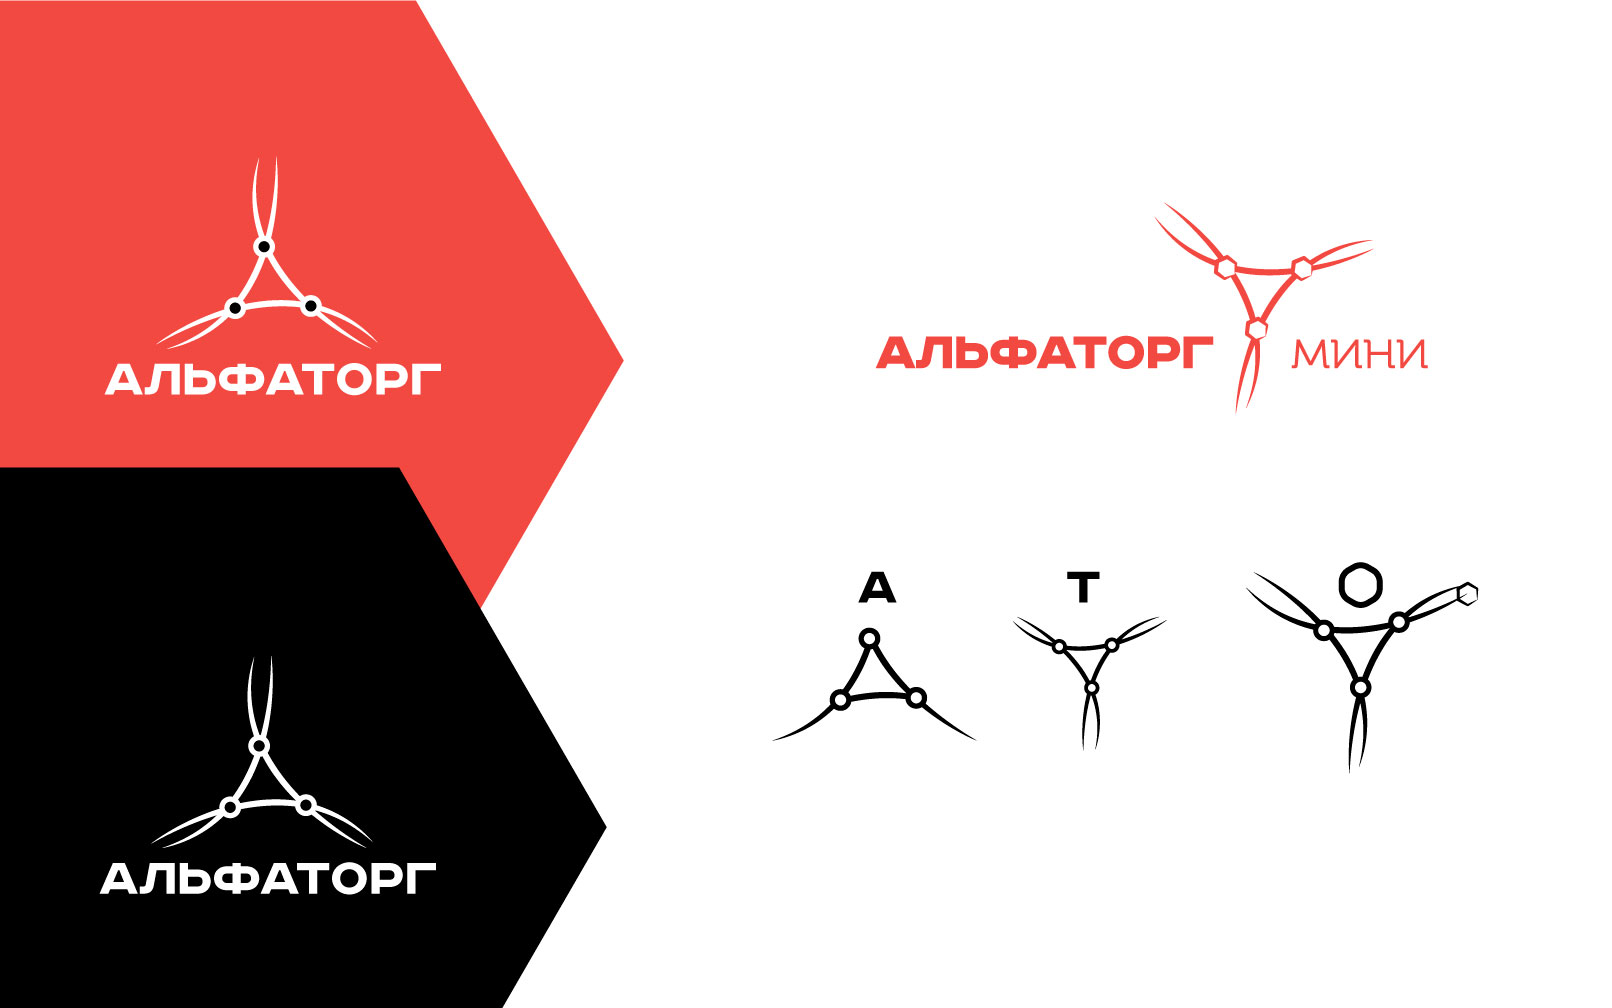 Логотип и фирменный стиль фото f_6585f0965b60ea57.jpg